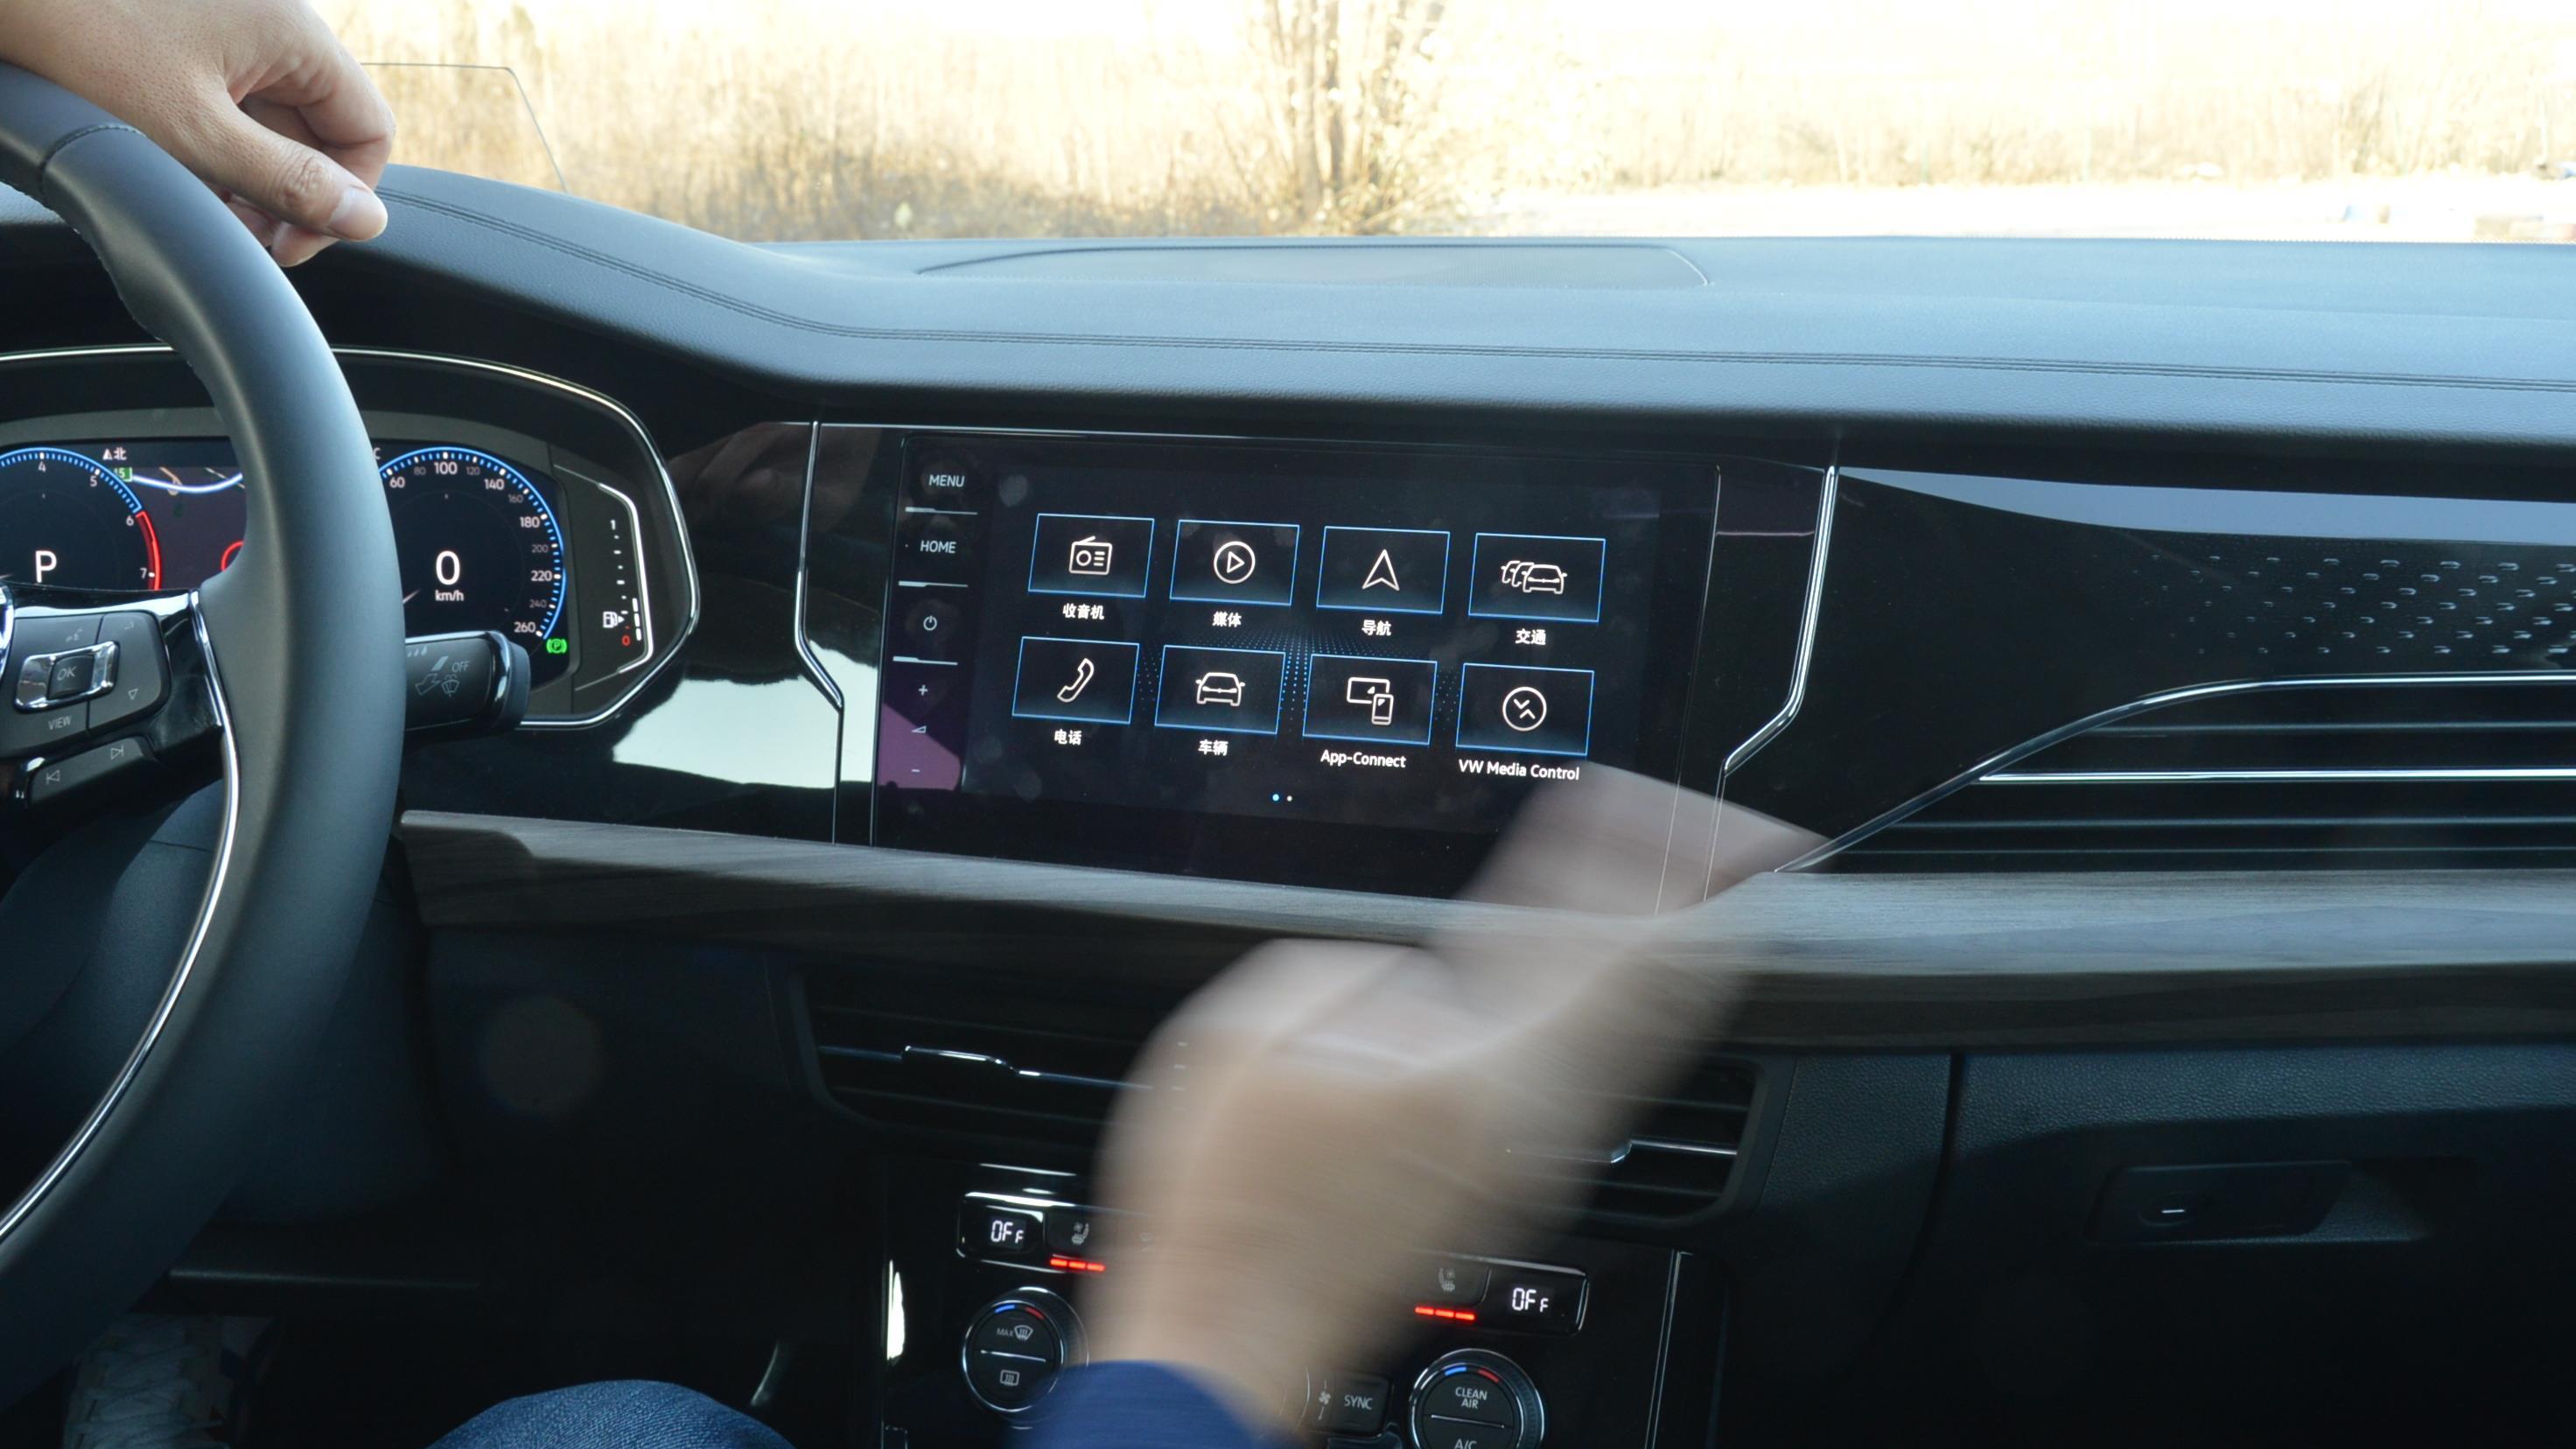 上汽大众帕萨特330TSI中控屏幕手势控制